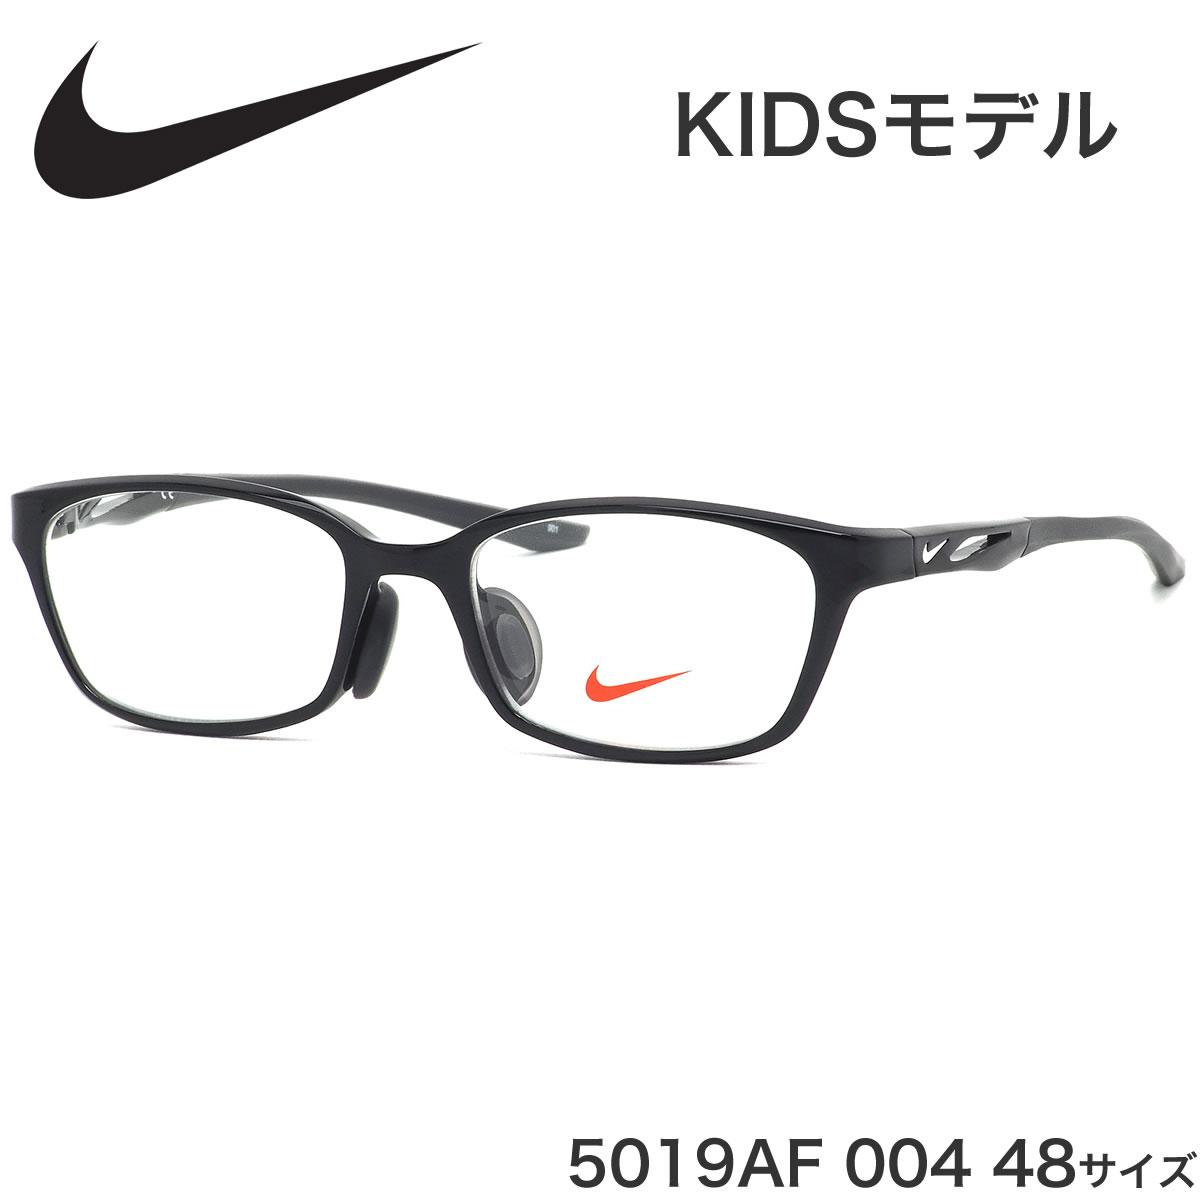 ナイキ NIKE キッズ用メガネ 5019AF 004 48サイズ ジュニア用 軽い スポーツ アジアンフィット 黒縁 子供用